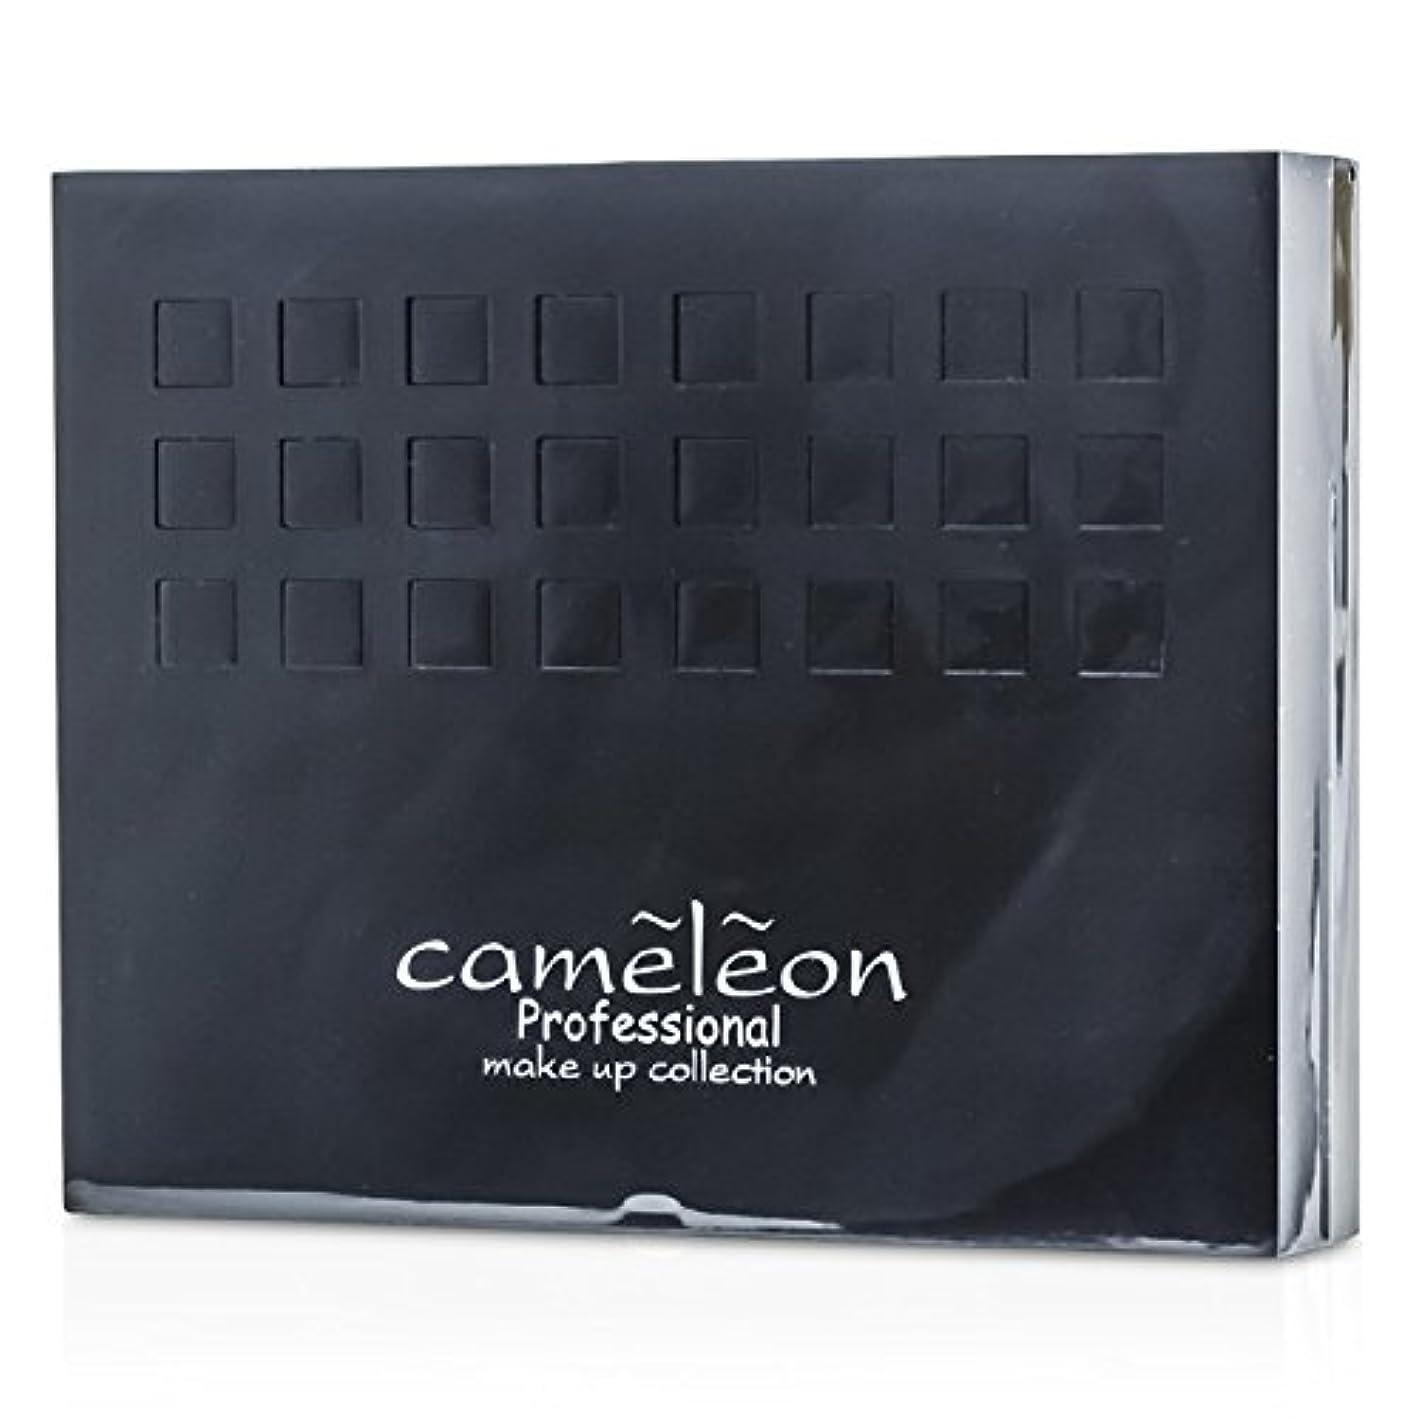 発明単調な立ち寄るカメレオン メイクアップキット (48x アイシャドウ, 24x リップカラー, 2x プレストパウダー, 4x ブラッシャー, 5x アプリケーター) -並行輸入品